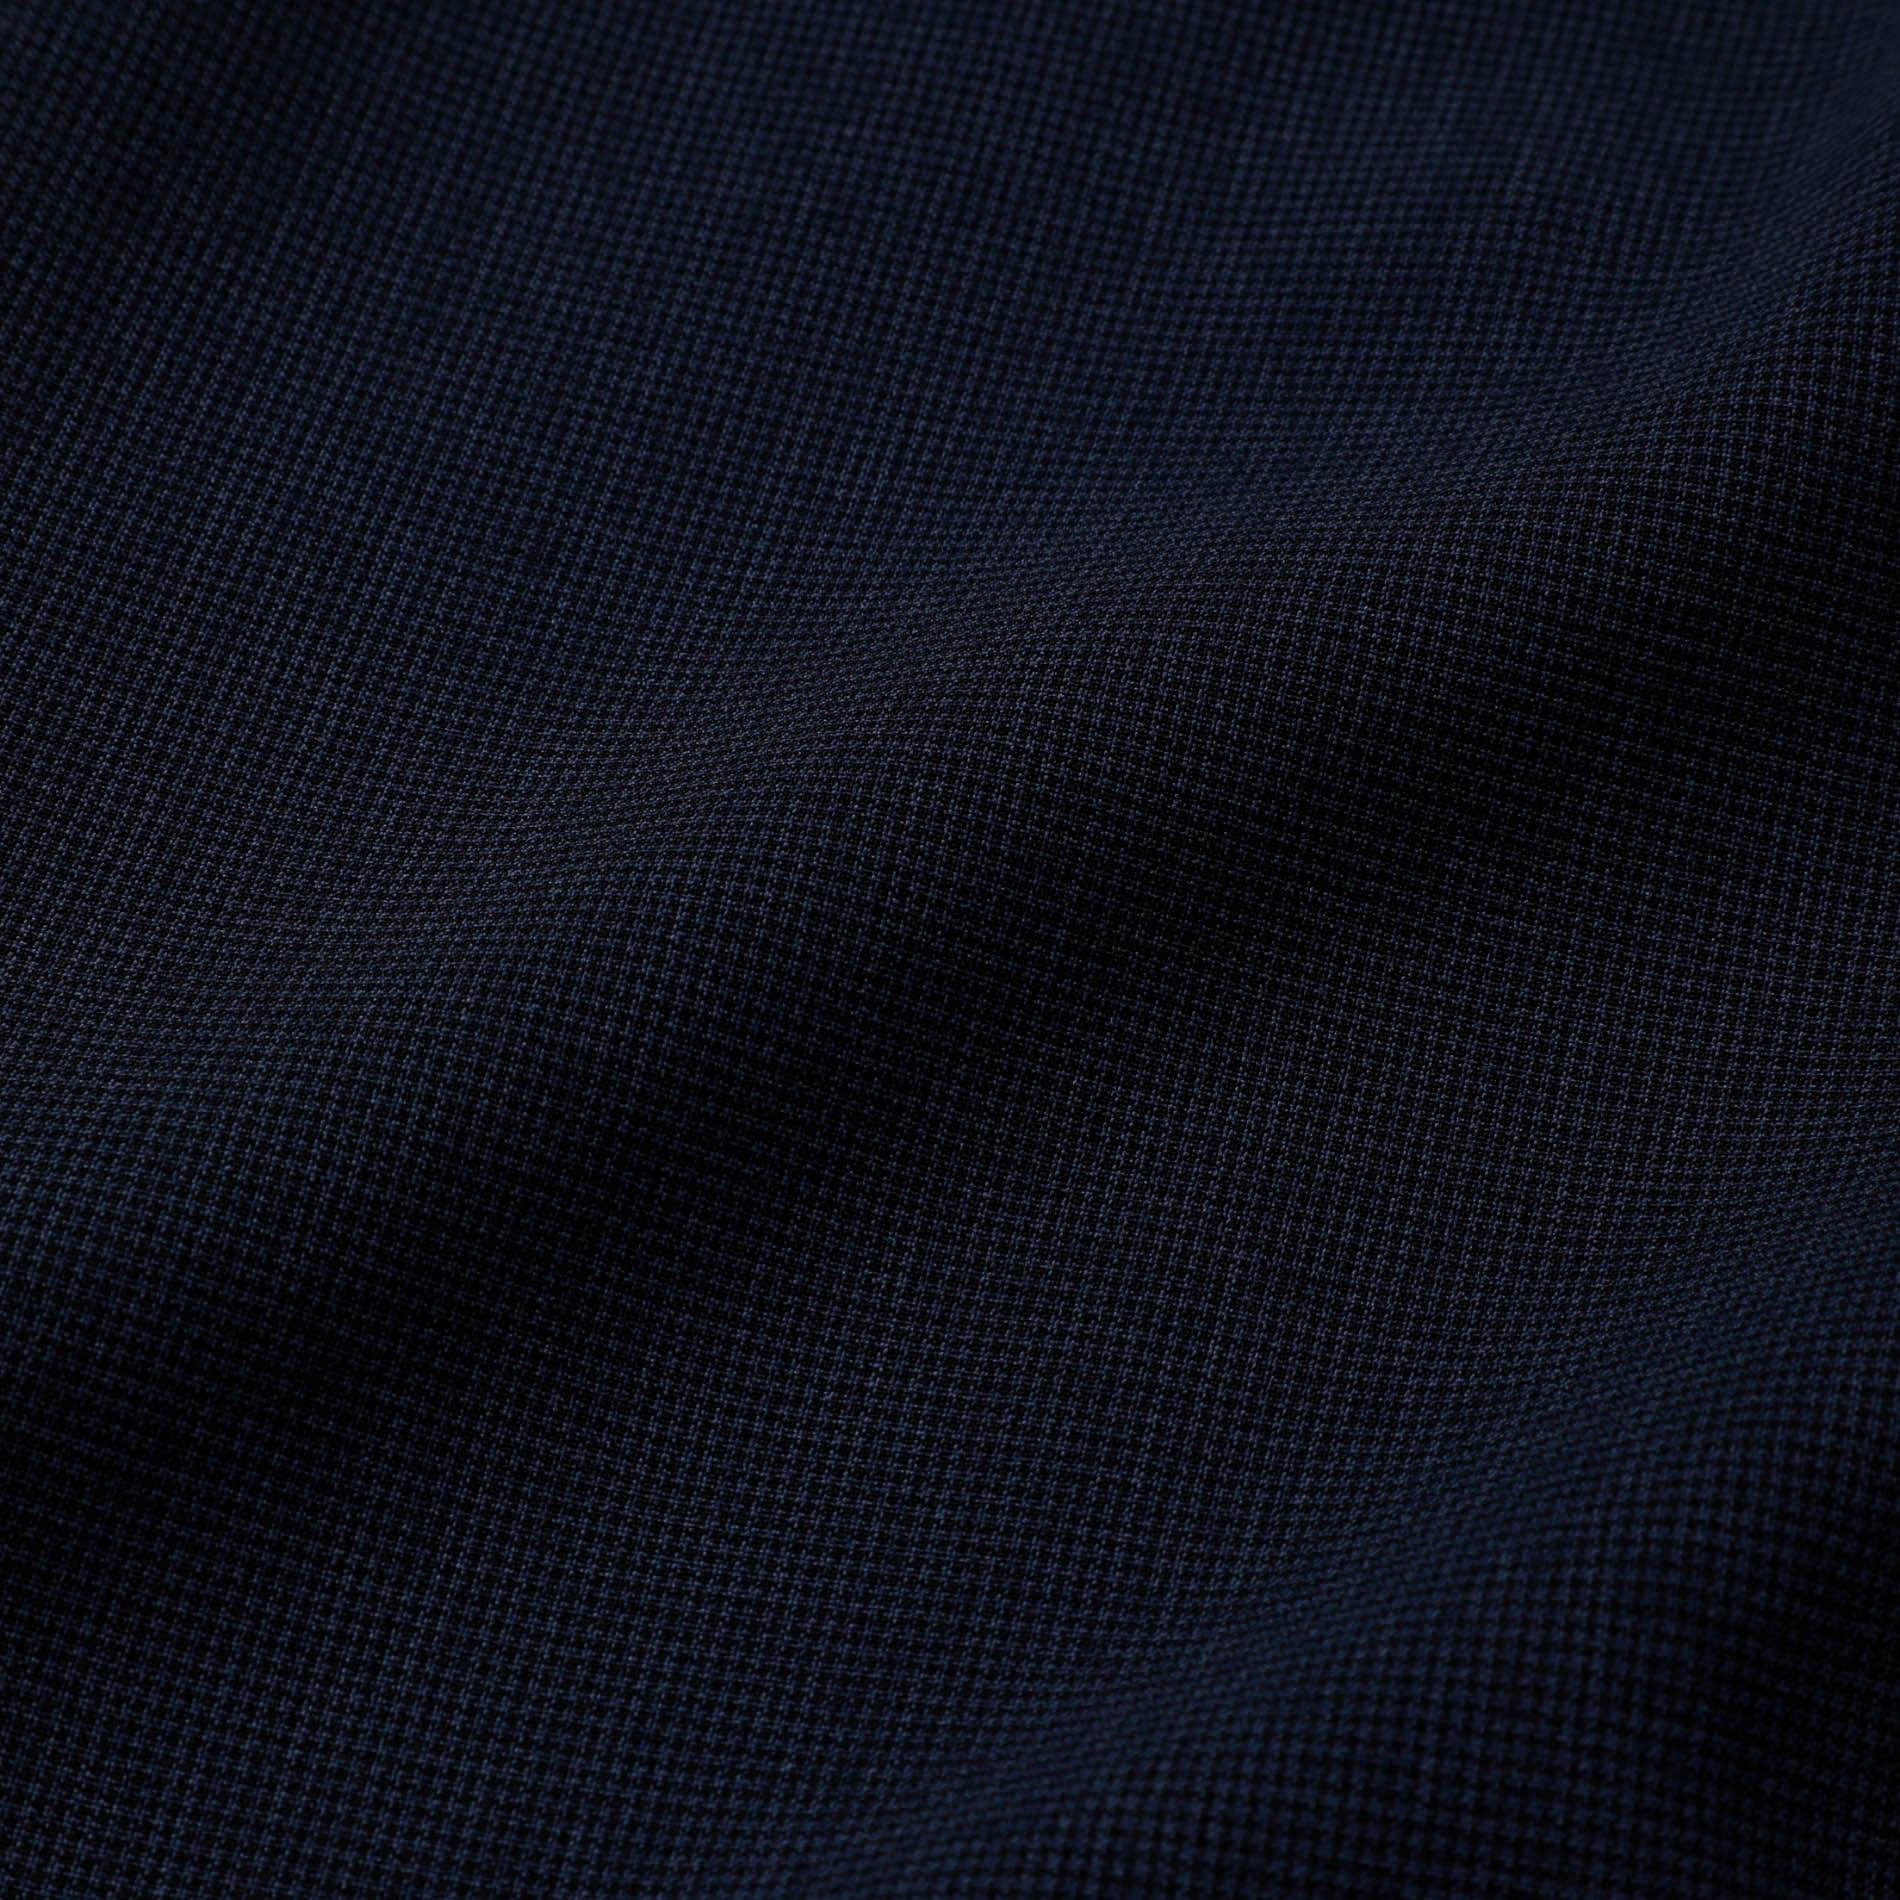 マイクロハウンドトゥース パンツ #055